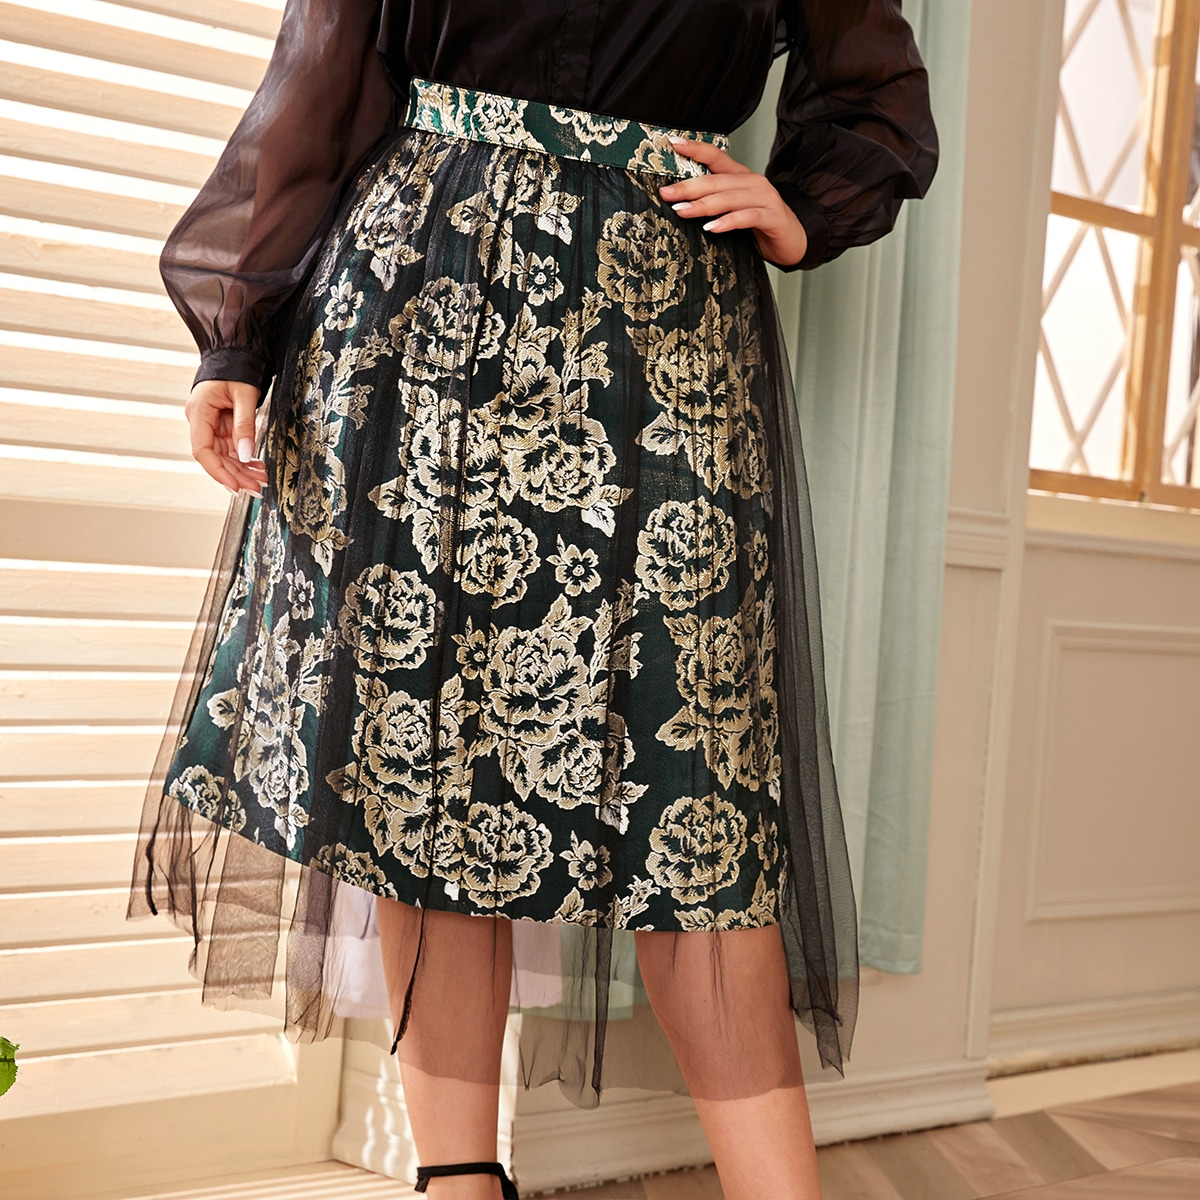 Сетчатая расклешенная юбка размера плюс с цветочной вышивкой